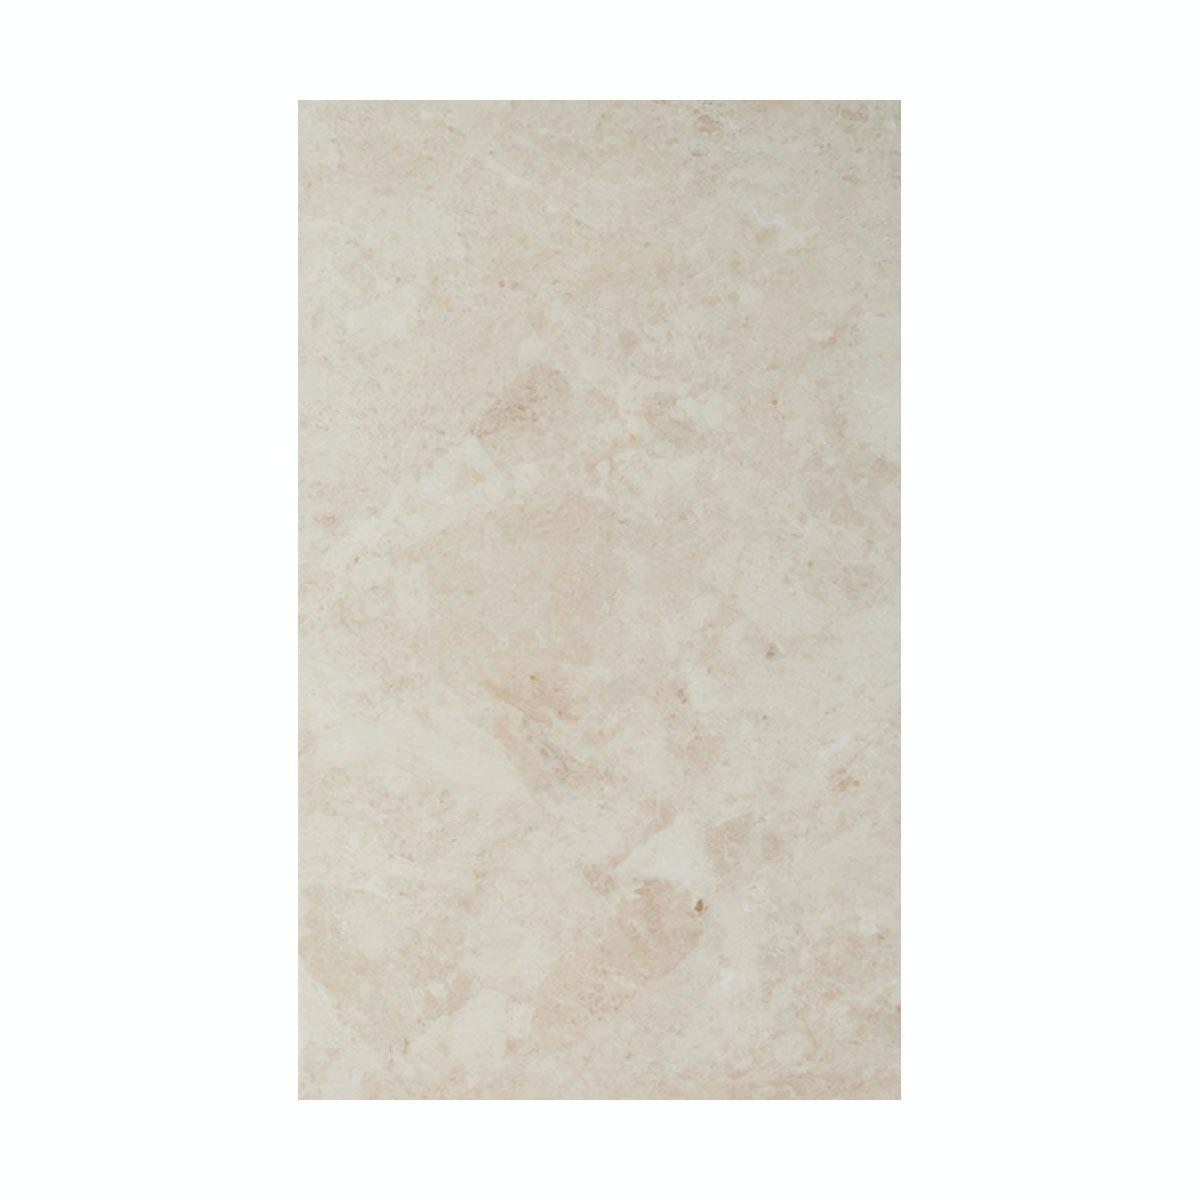 cut out of cream matt floor tile